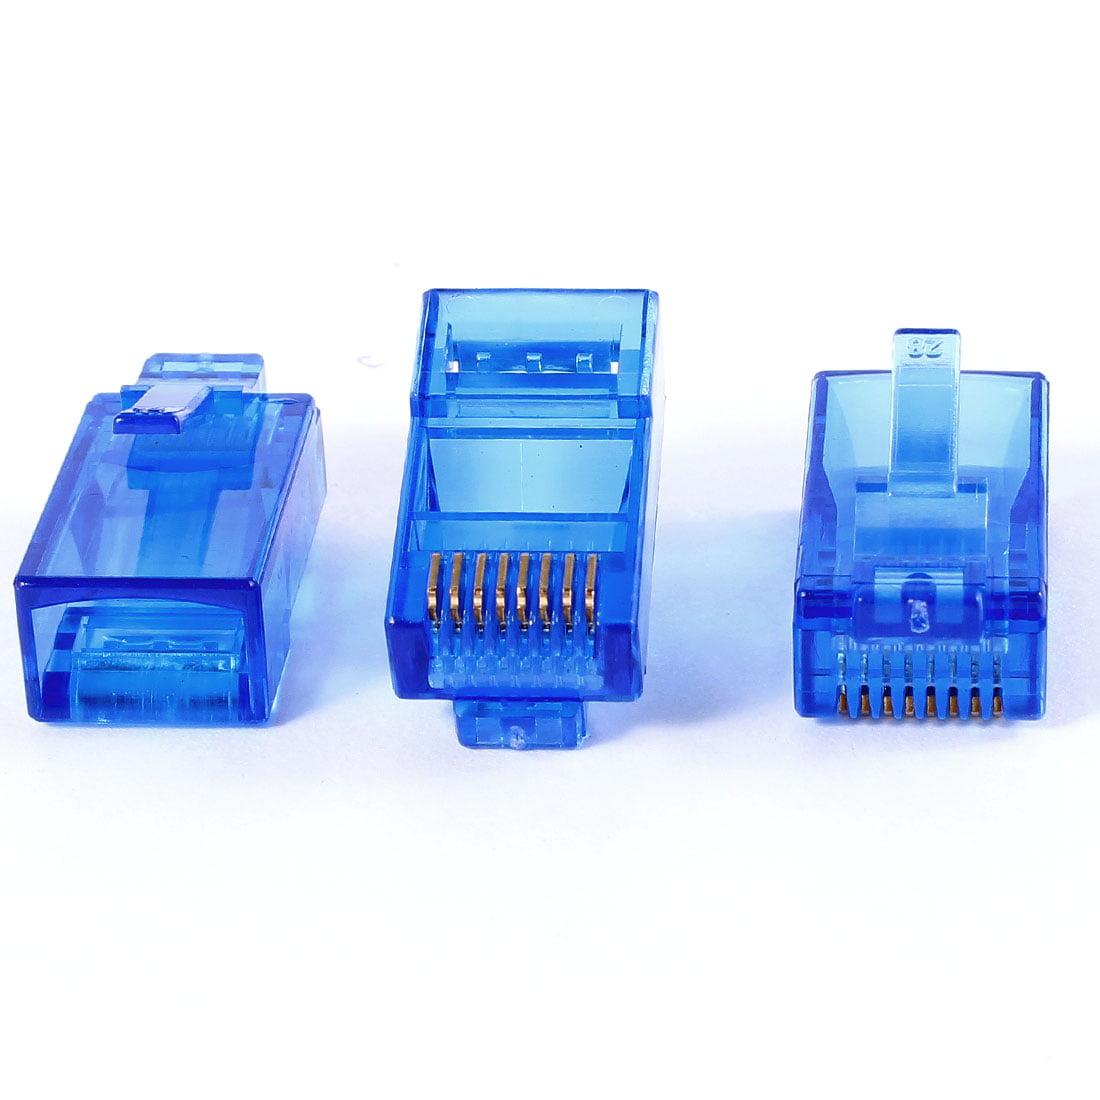 Unique Bargains 3x RJ45 8P8C Network Cable CAT5E Connector Crimp Plug Jack Adapter Dark Blue